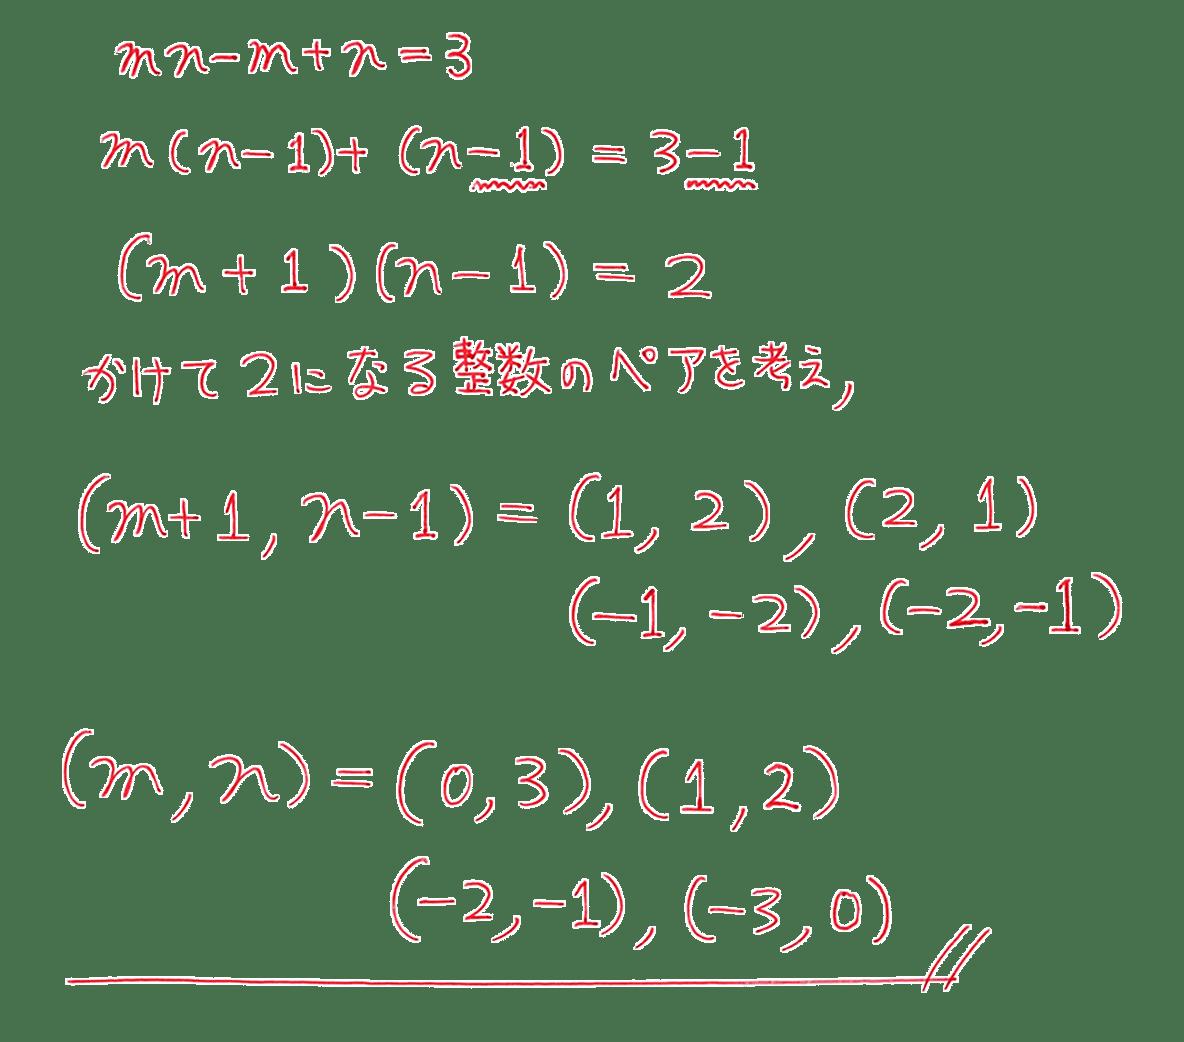 高校数学A 整数の性質17 練習の答え